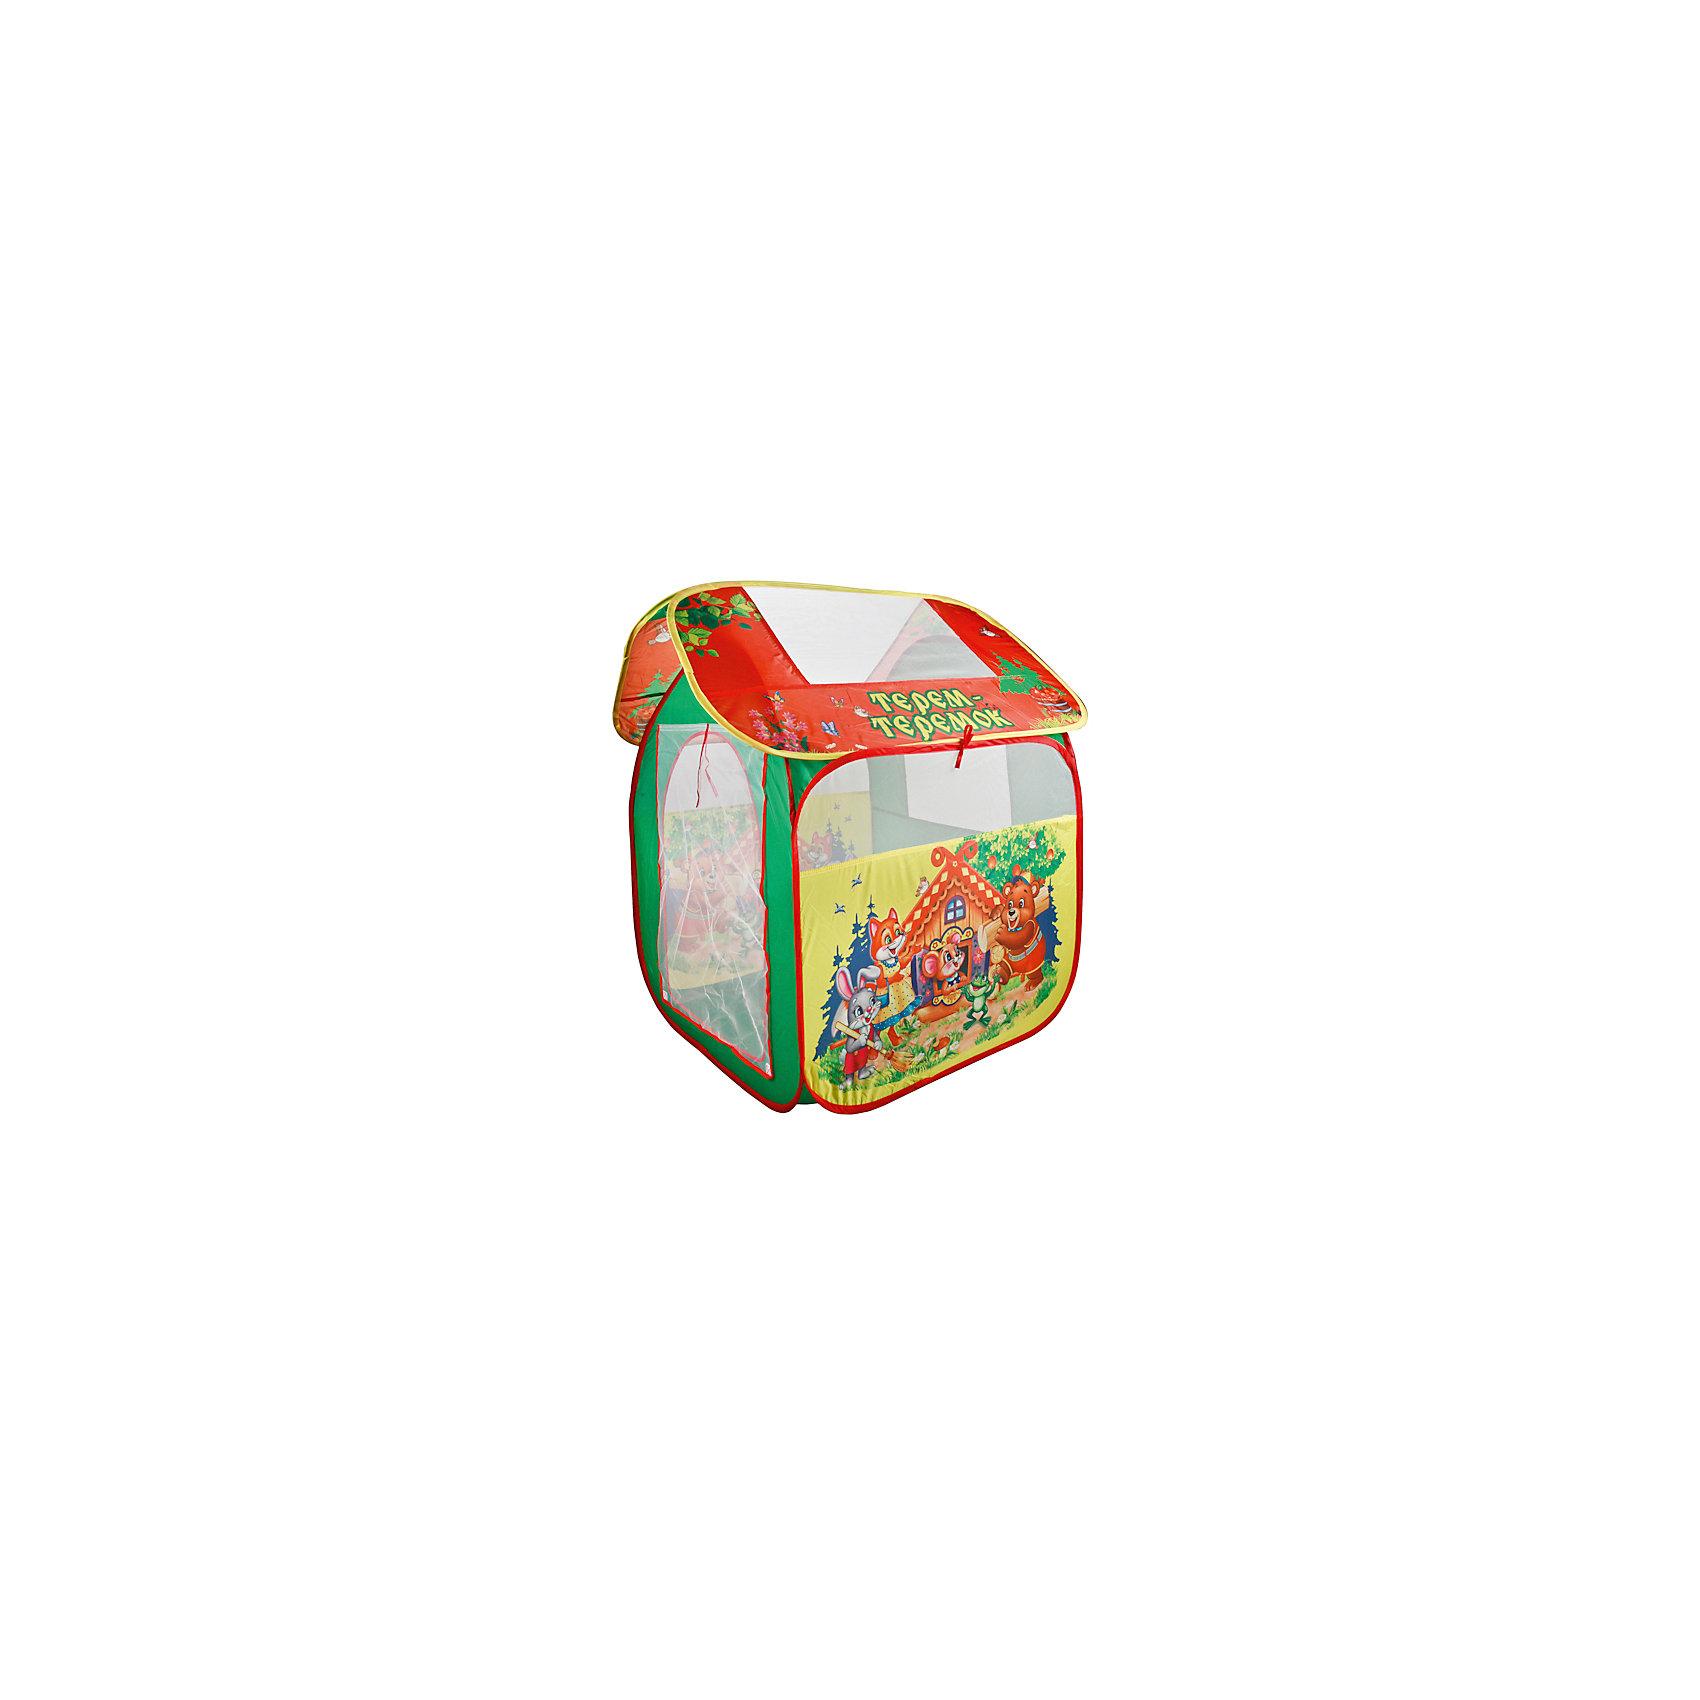 Палатка Теремок (большая), в сумке, Играем вместеПалатка Теремок, Играем вместе, станет чудесным подарком для Вашего ребенка. Красочная палатка ярко-зеленого цвета выполнена по мотивам русской народной сказки Теремок и украшена изображениями симпатичных зверюшек. Палатка оснащена дверью на липучке, окошками из сетчатого материала и большим окном для вентиляции на крыше палатки. Благодаря самораскладывающемуся каркасу-спирали палатка легко собирается и складывается. Этот замечательный игровой домик поможет Вашему ребенку создать свой уютный уголок для игр как в помещении, так и на улице. Палатка компактно складывается в небольшую сумочку, поэтому ее удобно брать с собой на прогулку или в поездку. Выполнена из прочного, водонепроницаемого, моющегося материала. Яркая палатка будет чудесным местом для самостоятельной игры ребёнка и отлично подойдёт для сюжетно-ролевых игр. <br><br>Дополнительная информация:<br><br>- Материал: текстиль. <br>- Размер палатки: 83 х 80 х 105 см.<br>- Размер упаковки: 40 x 40 x 3 см.<br>- Вес с упаковкой: 0,71 кг. <br><br>Палатку Теремок (большая), в сумке, Играем вместе, можно купить в нашем интернет-магазине.<br><br>Ширина мм: 400<br>Глубина мм: 400<br>Высота мм: 30<br>Вес г: 710<br>Возраст от месяцев: 36<br>Возраст до месяцев: 120<br>Пол: Унисекс<br>Возраст: Детский<br>SKU: 5528153